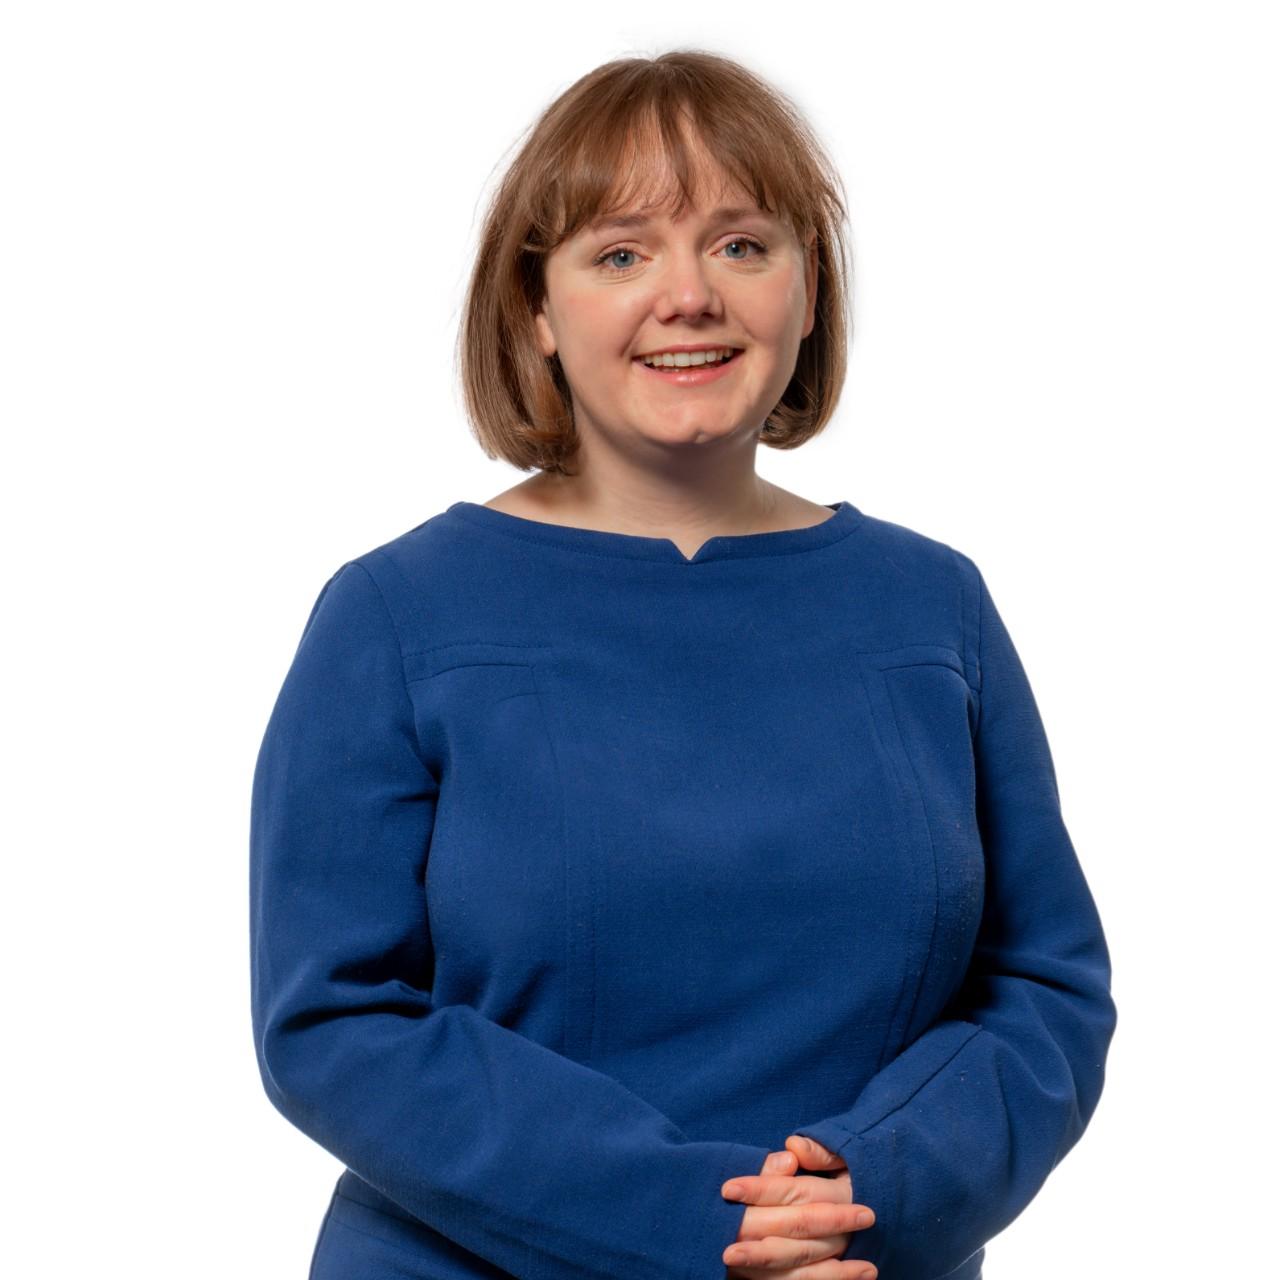 Anne Reul